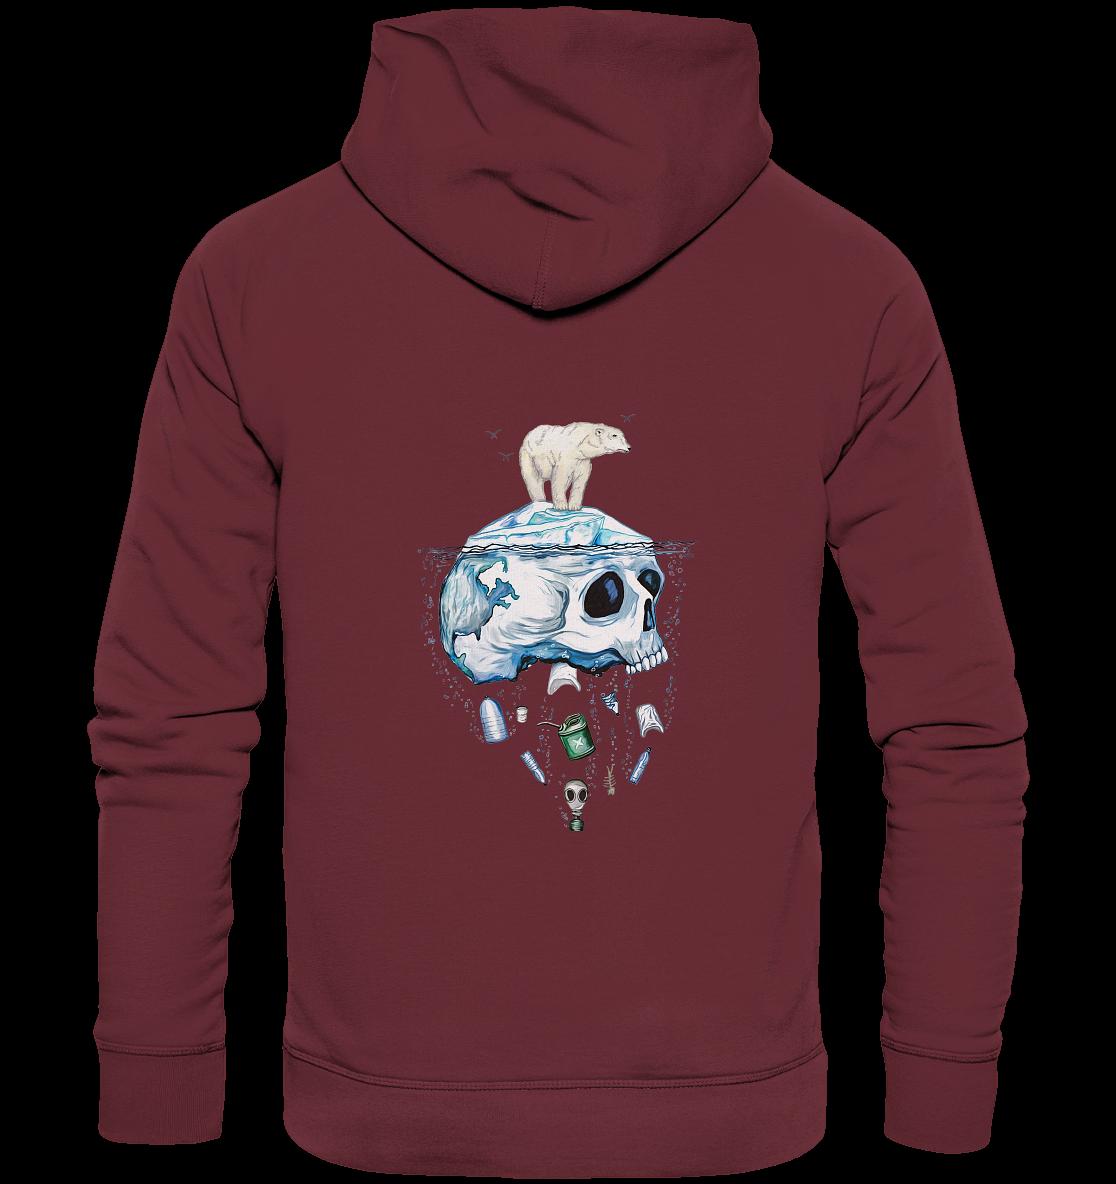 back-organic-fashion-hoodie-672b34-1116x.png